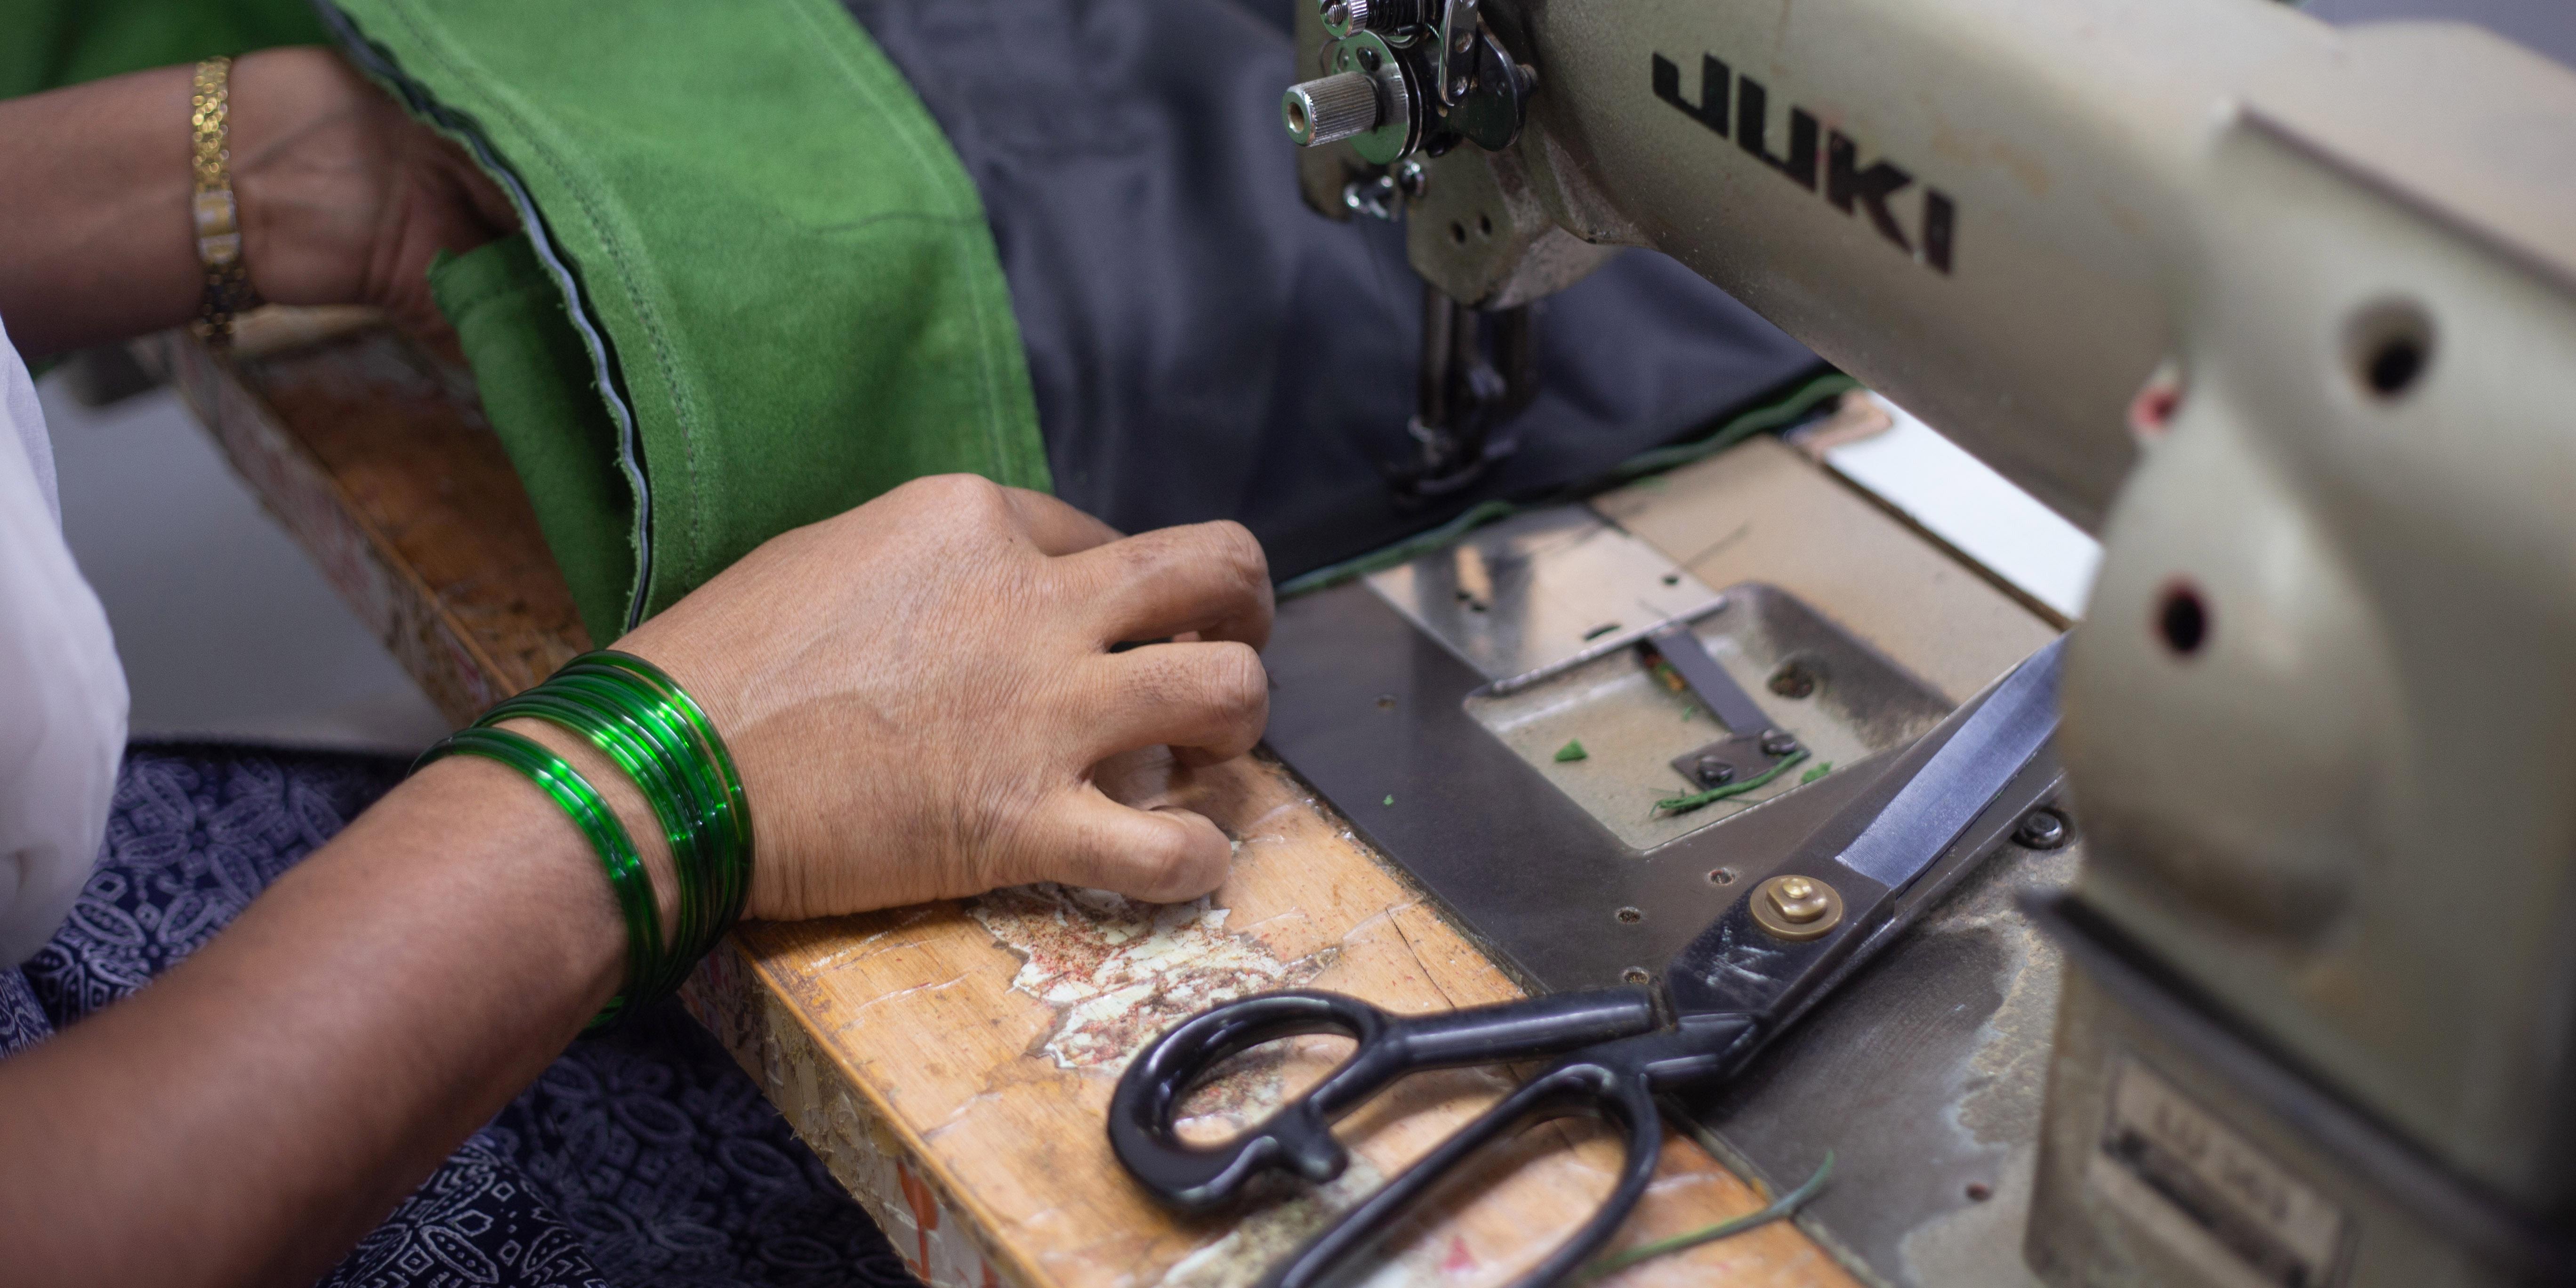 women stitching fabric